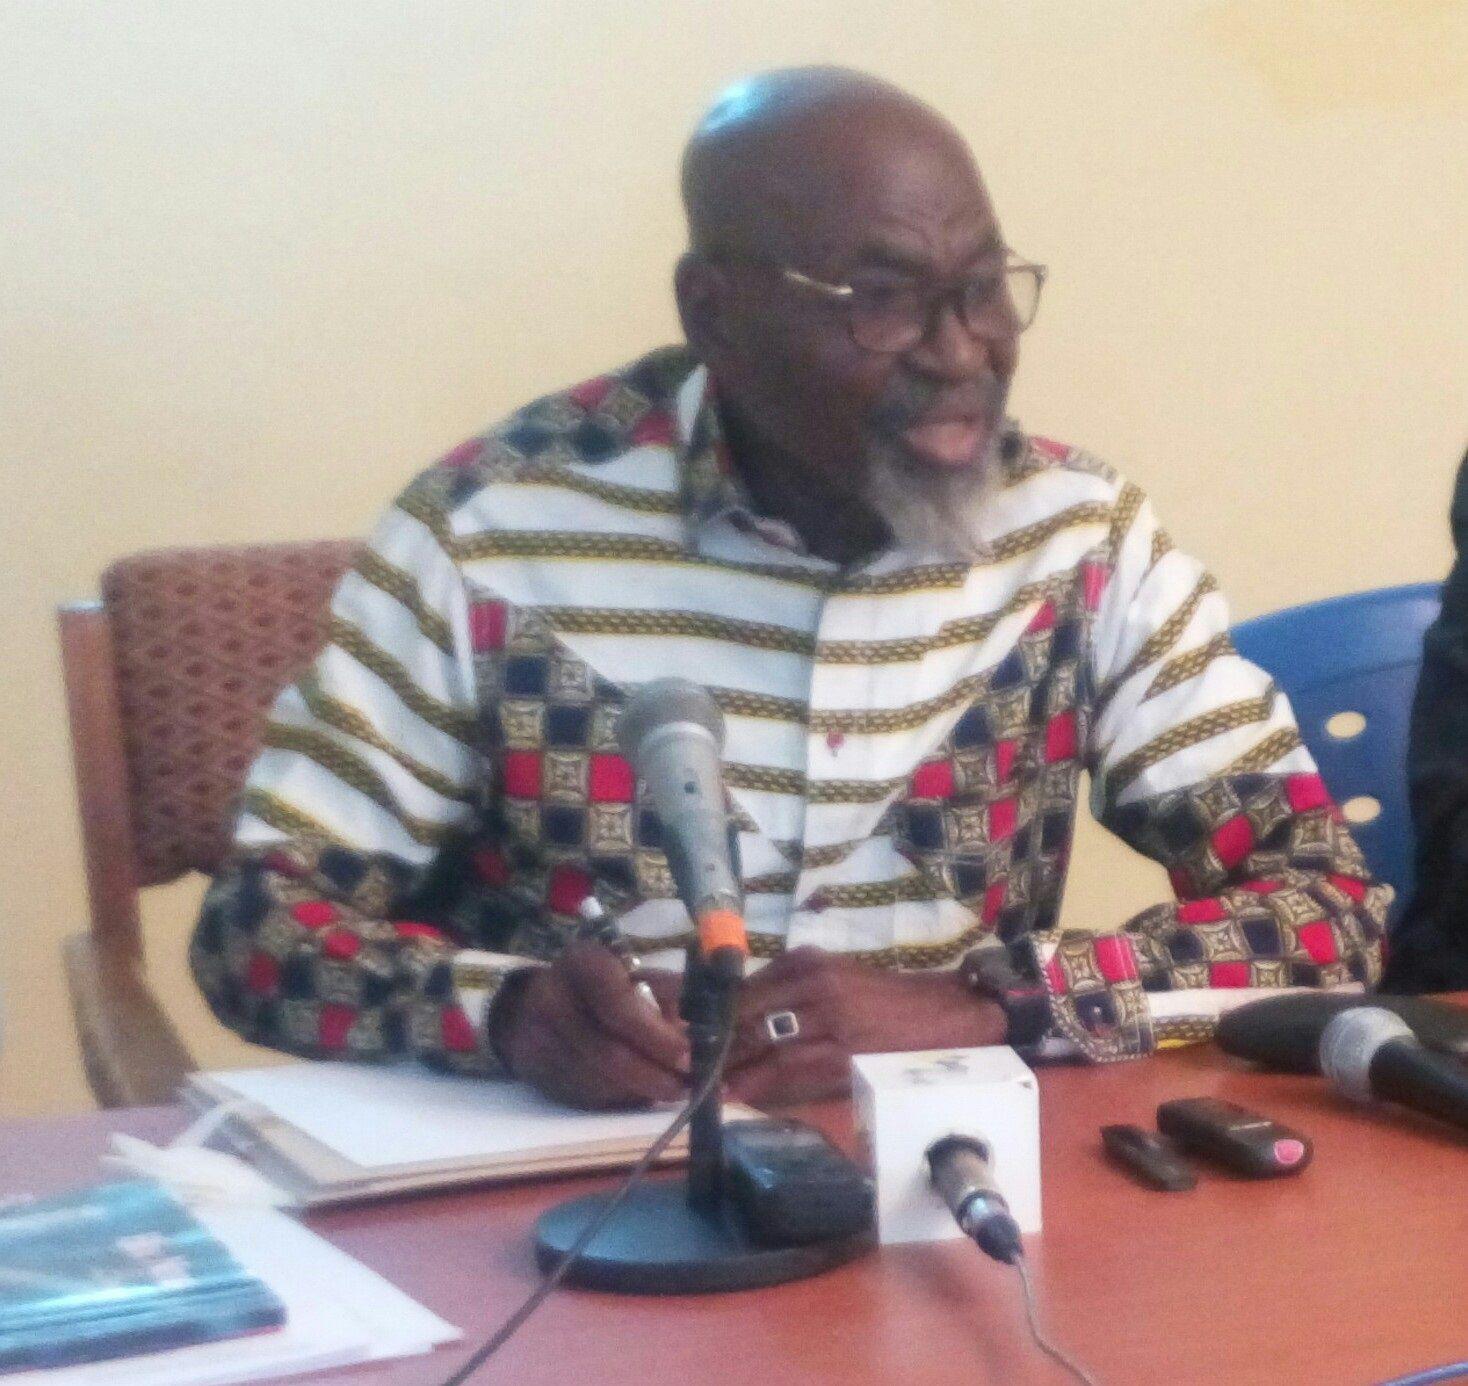 Tchad: le Tribunal de Moundou a vidé totalement le dossier de l'ancien Maire, Laokein Médard, la CPDC se réjouit et remercie les forces vives mobilisées